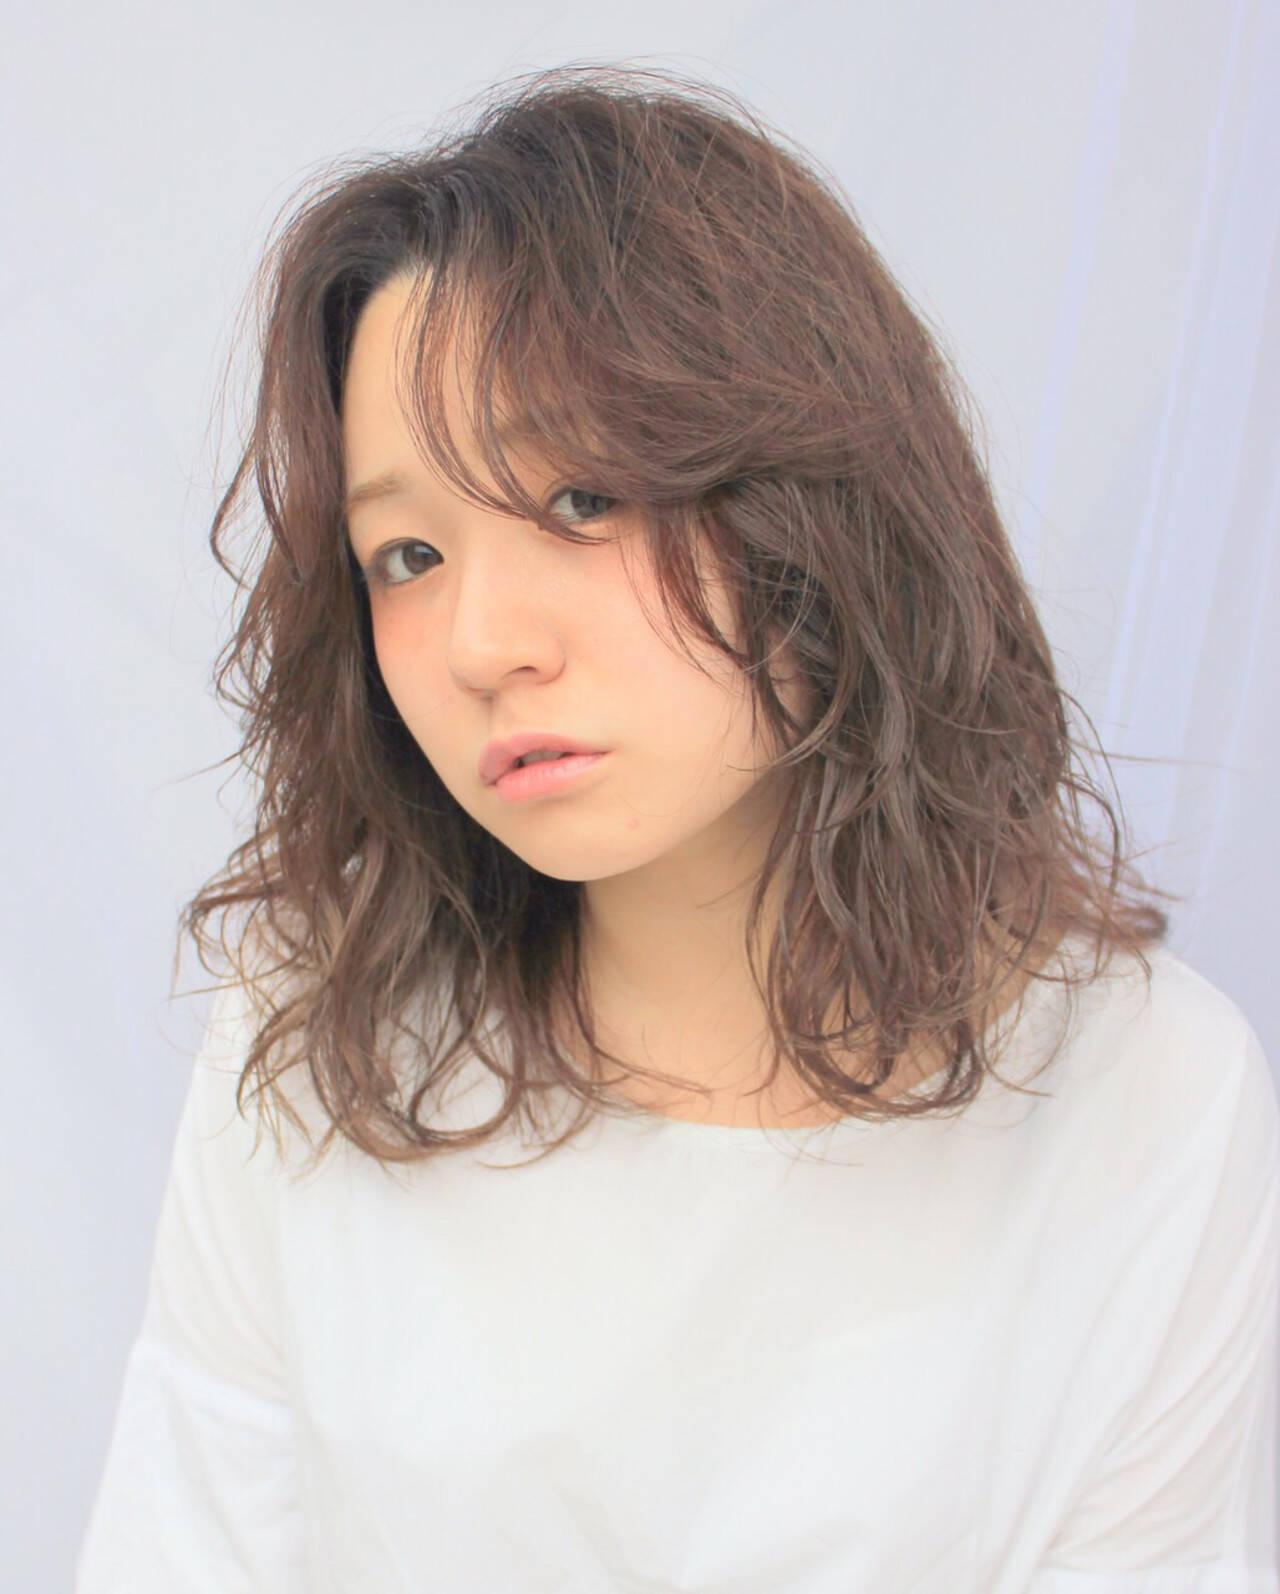 フェザーバング アッシュ レイヤーカット セミロングヘアスタイルや髪型の写真・画像